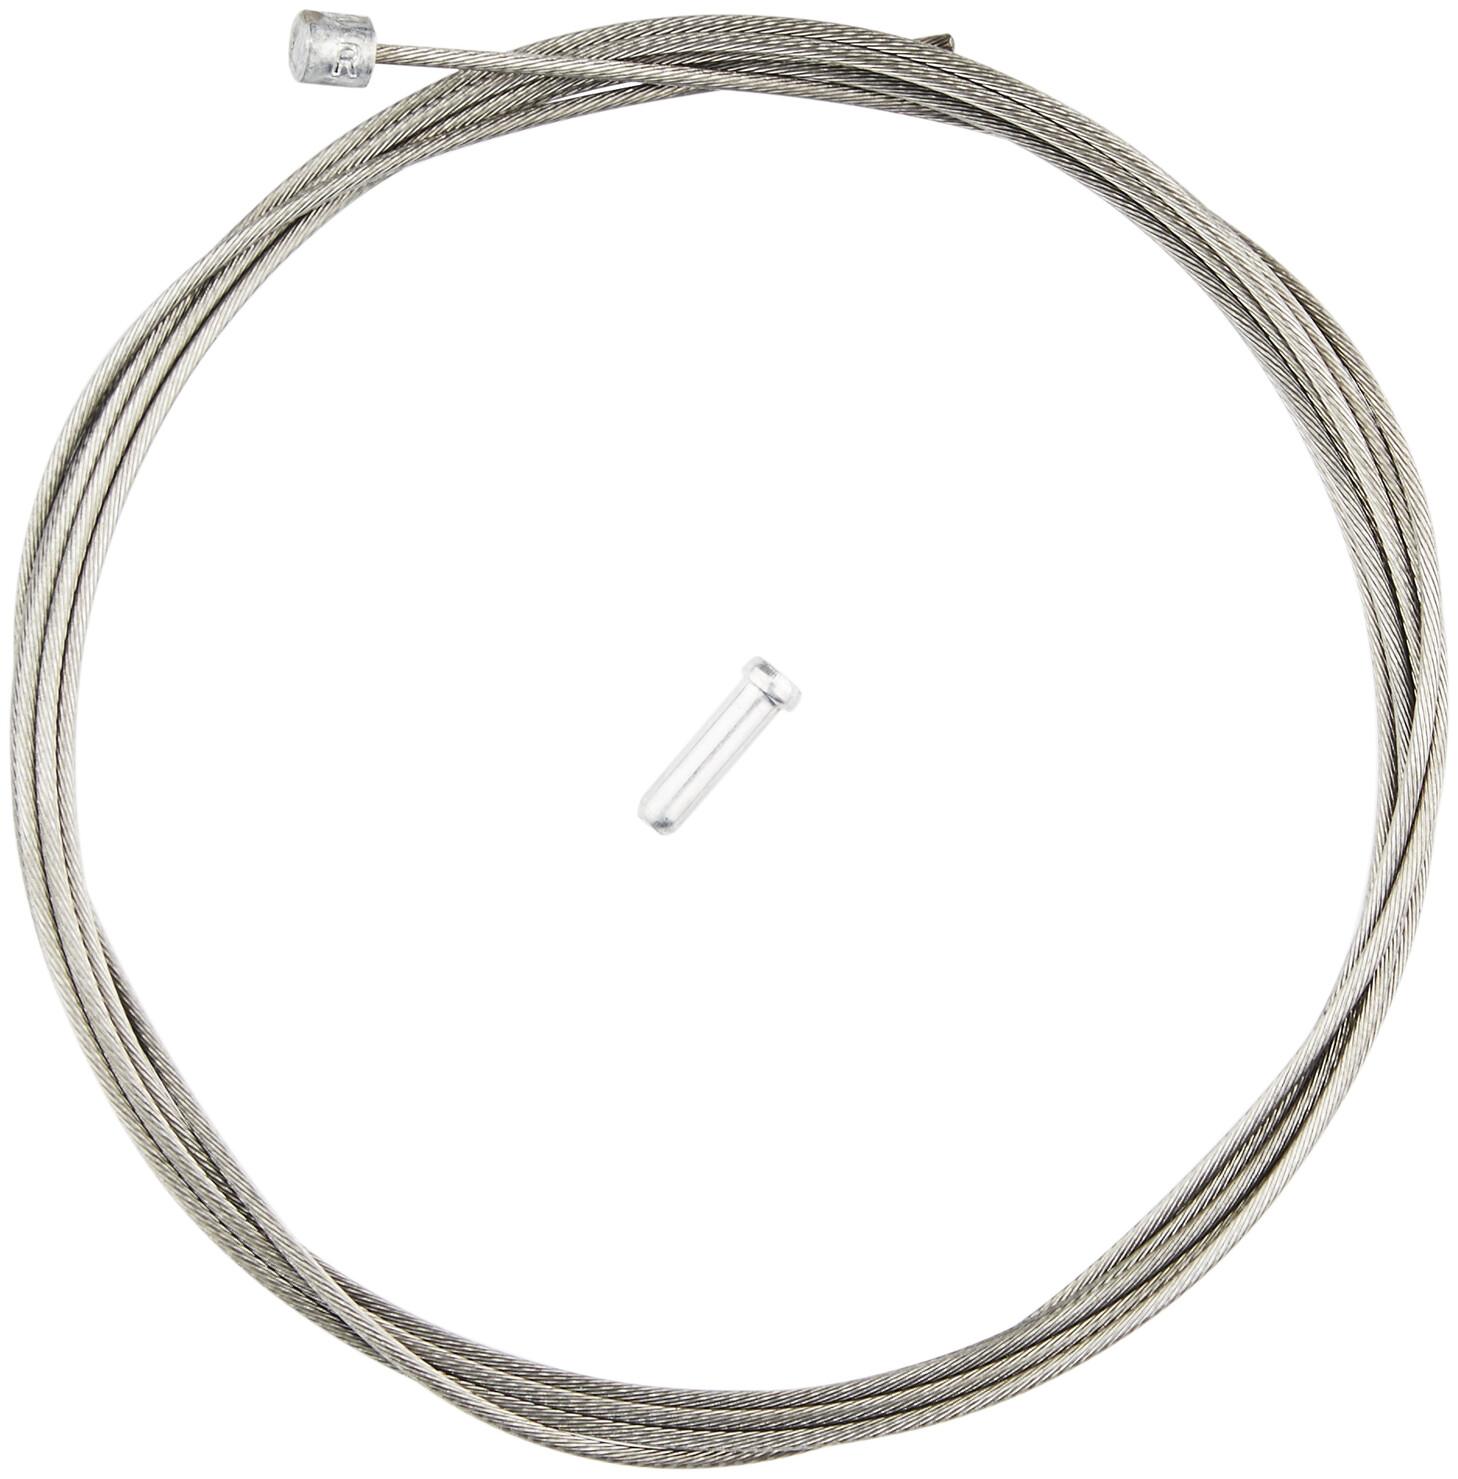 Shimano MTB/Road Gearkabel Rustfrit stål, grey (2019)   Gearkabler og wire